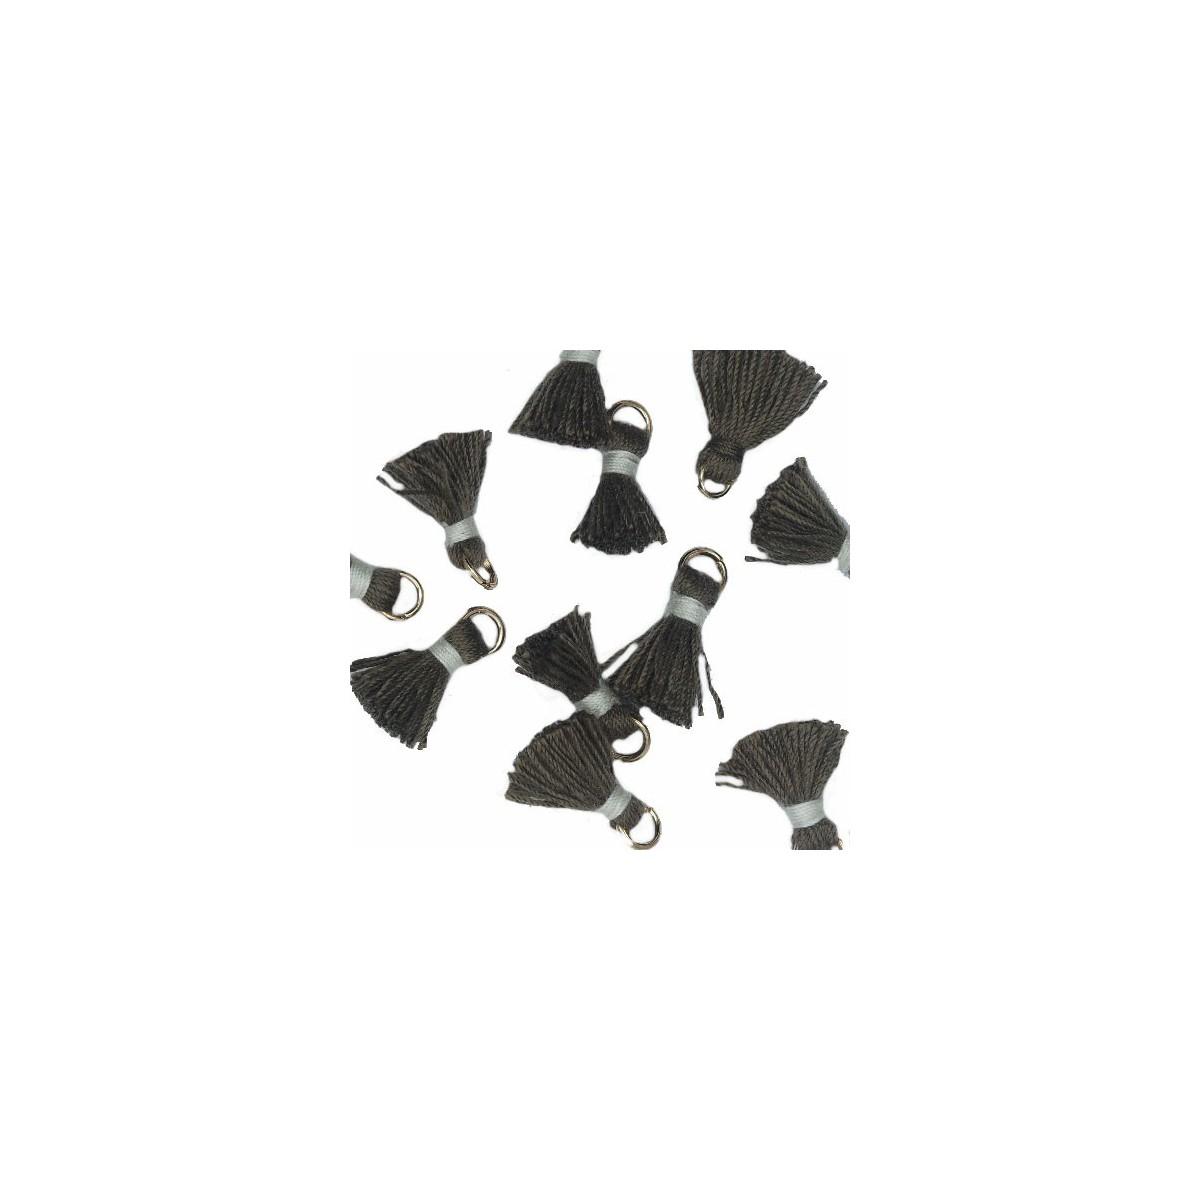 Nappina grigio scuro e bianco 18 mm White 5pz